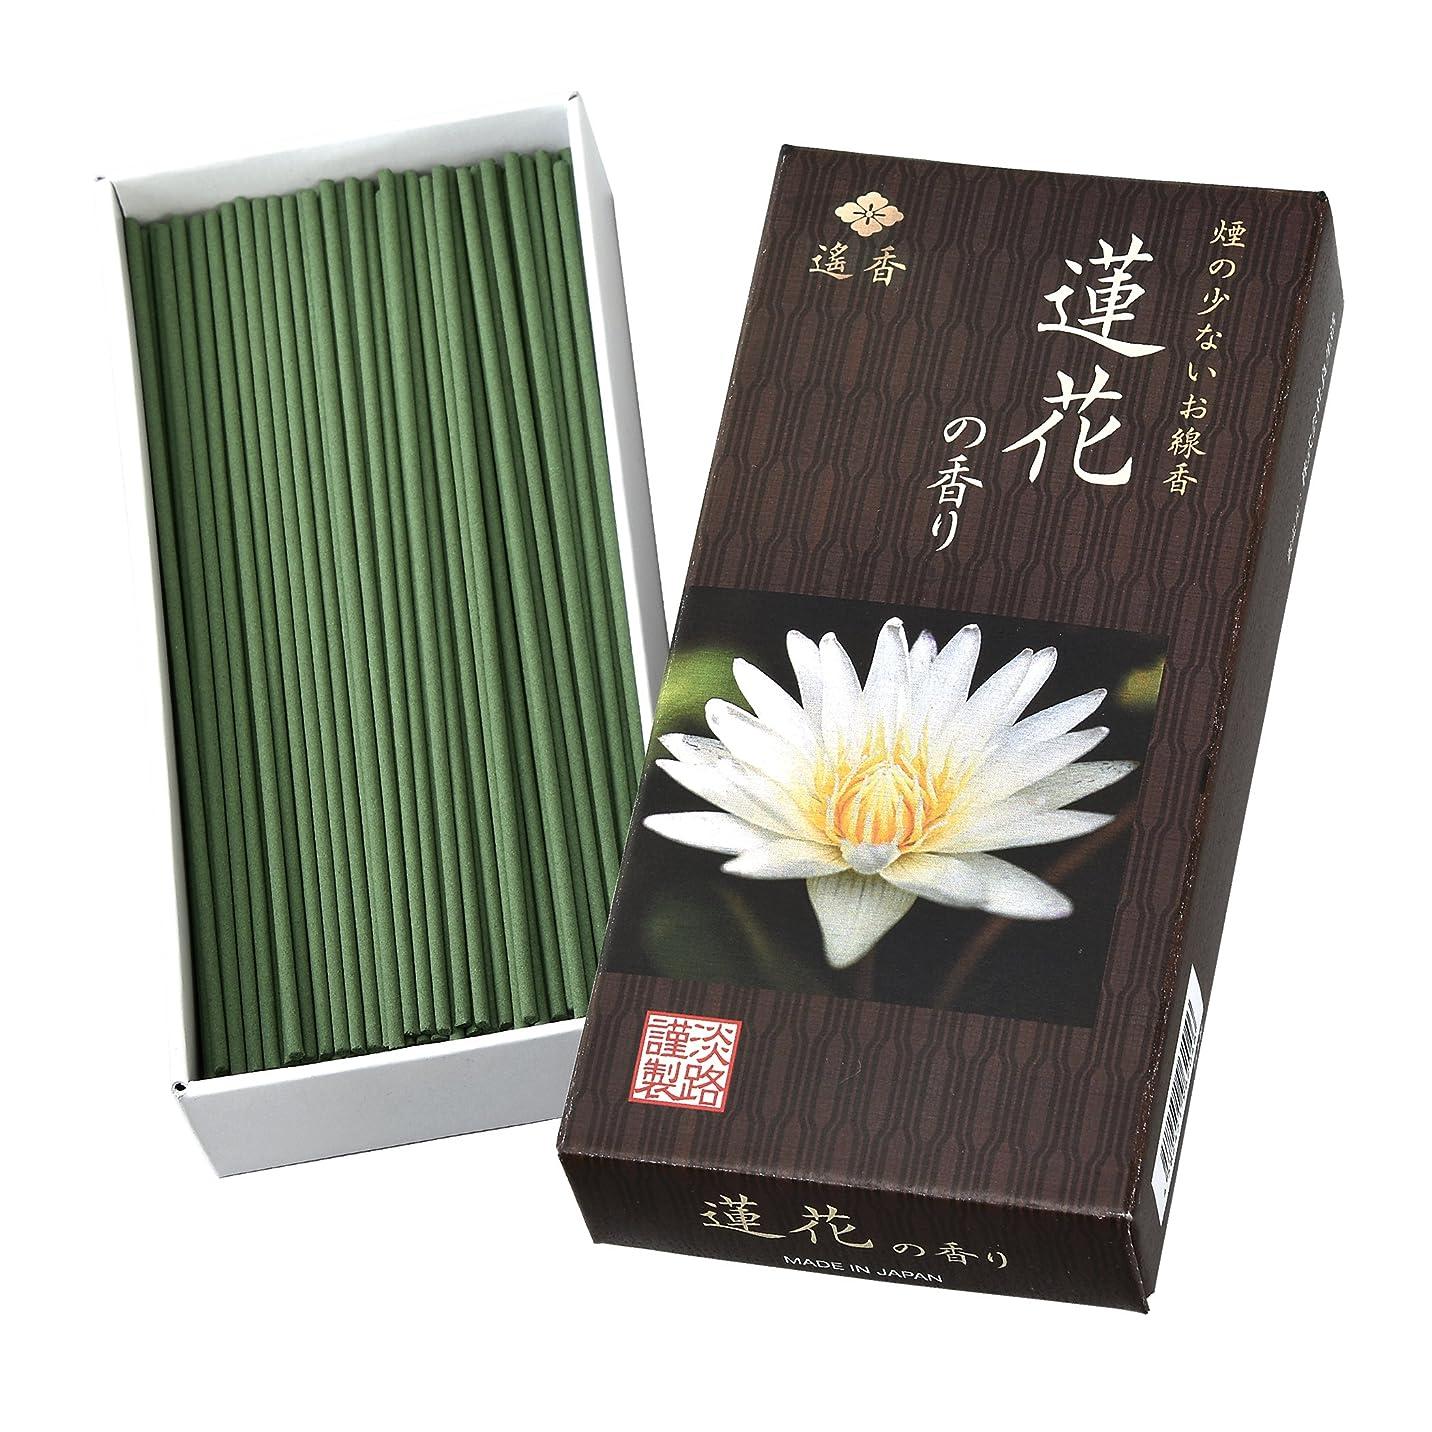 フライトネクタイサンダース遙香 蓮花の香り 3個セット